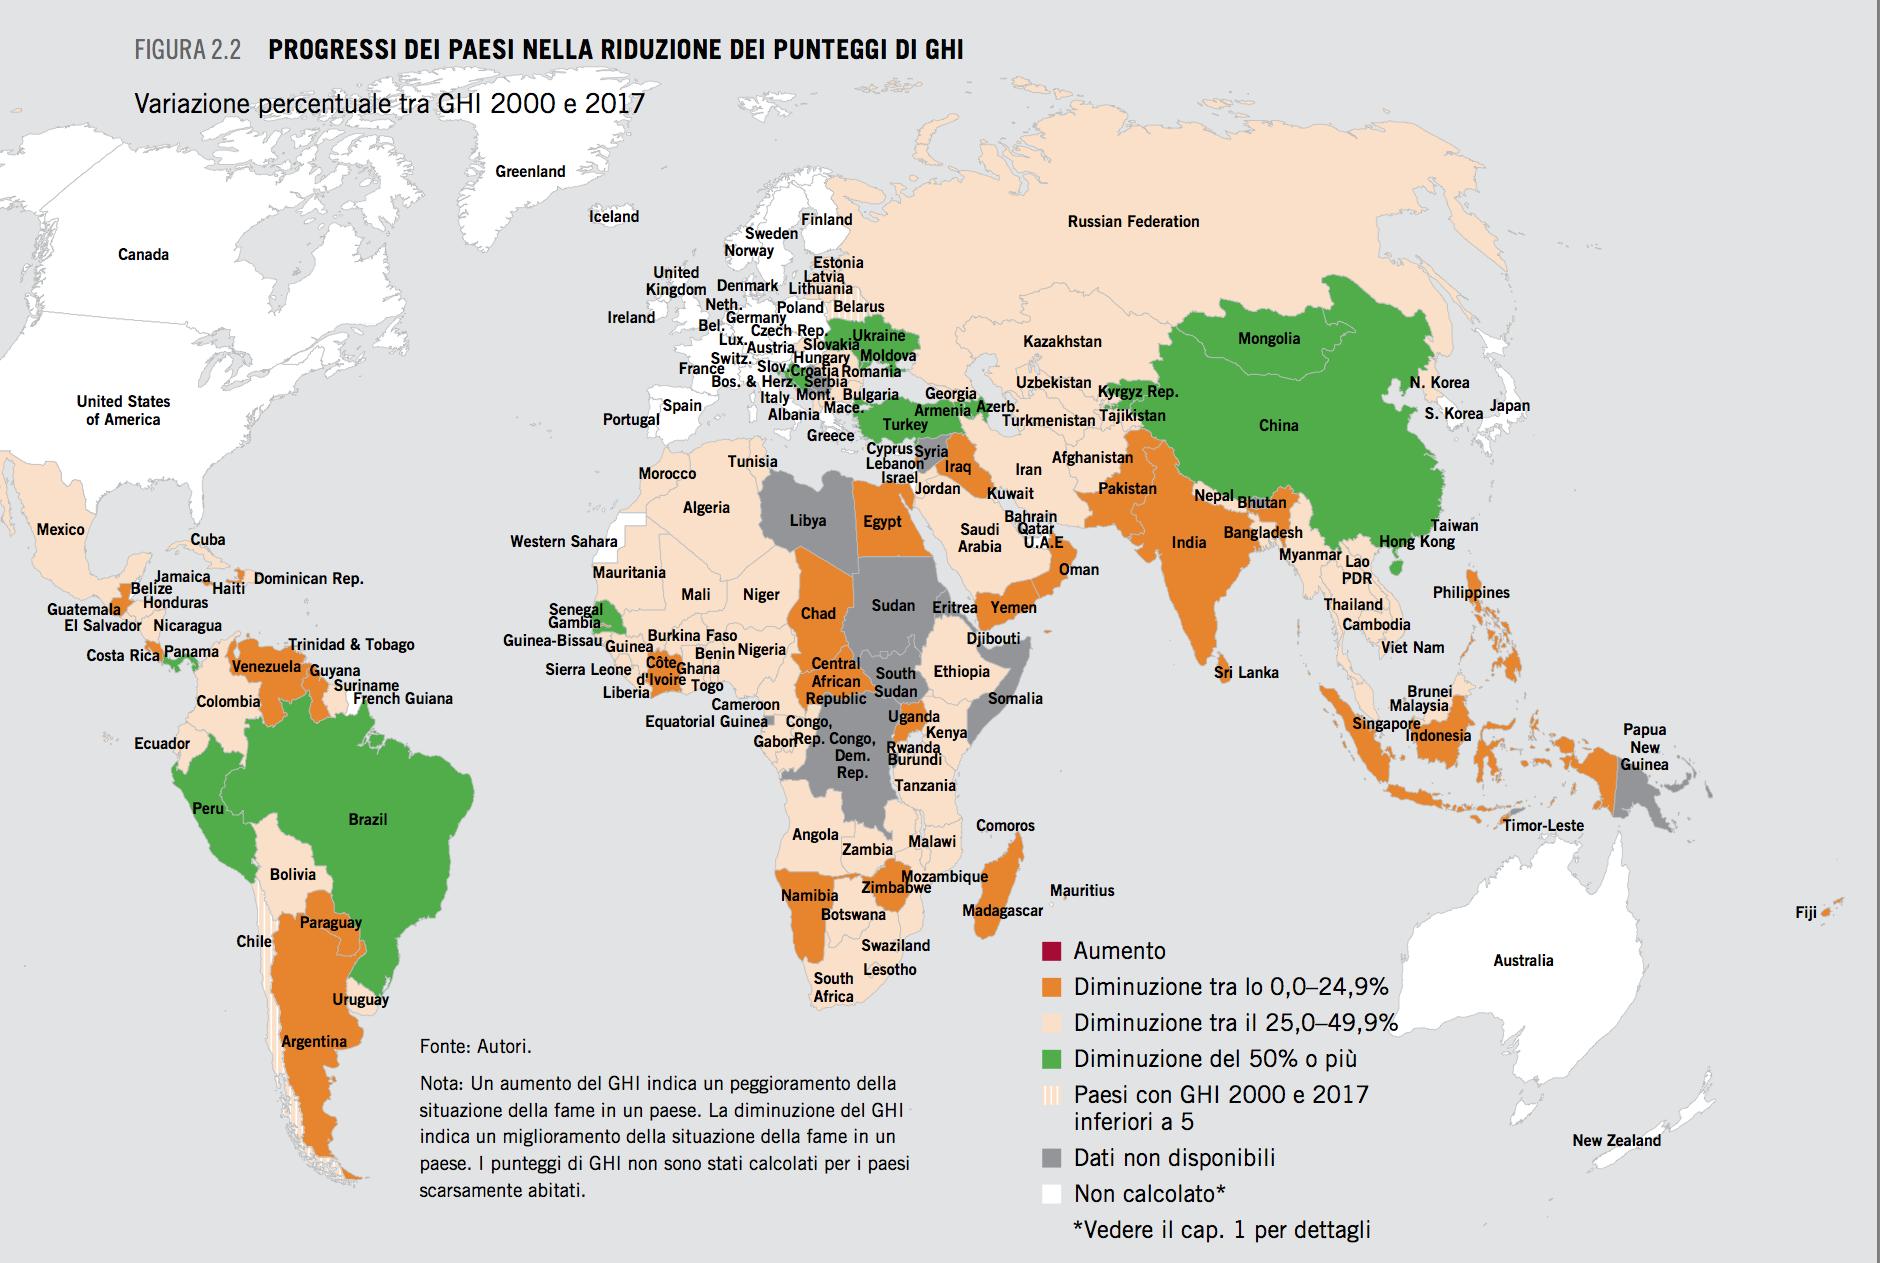 Indice globale della fame 2017 cartina del mondo lifegate - Mappa del mondo contorno ks2 ...